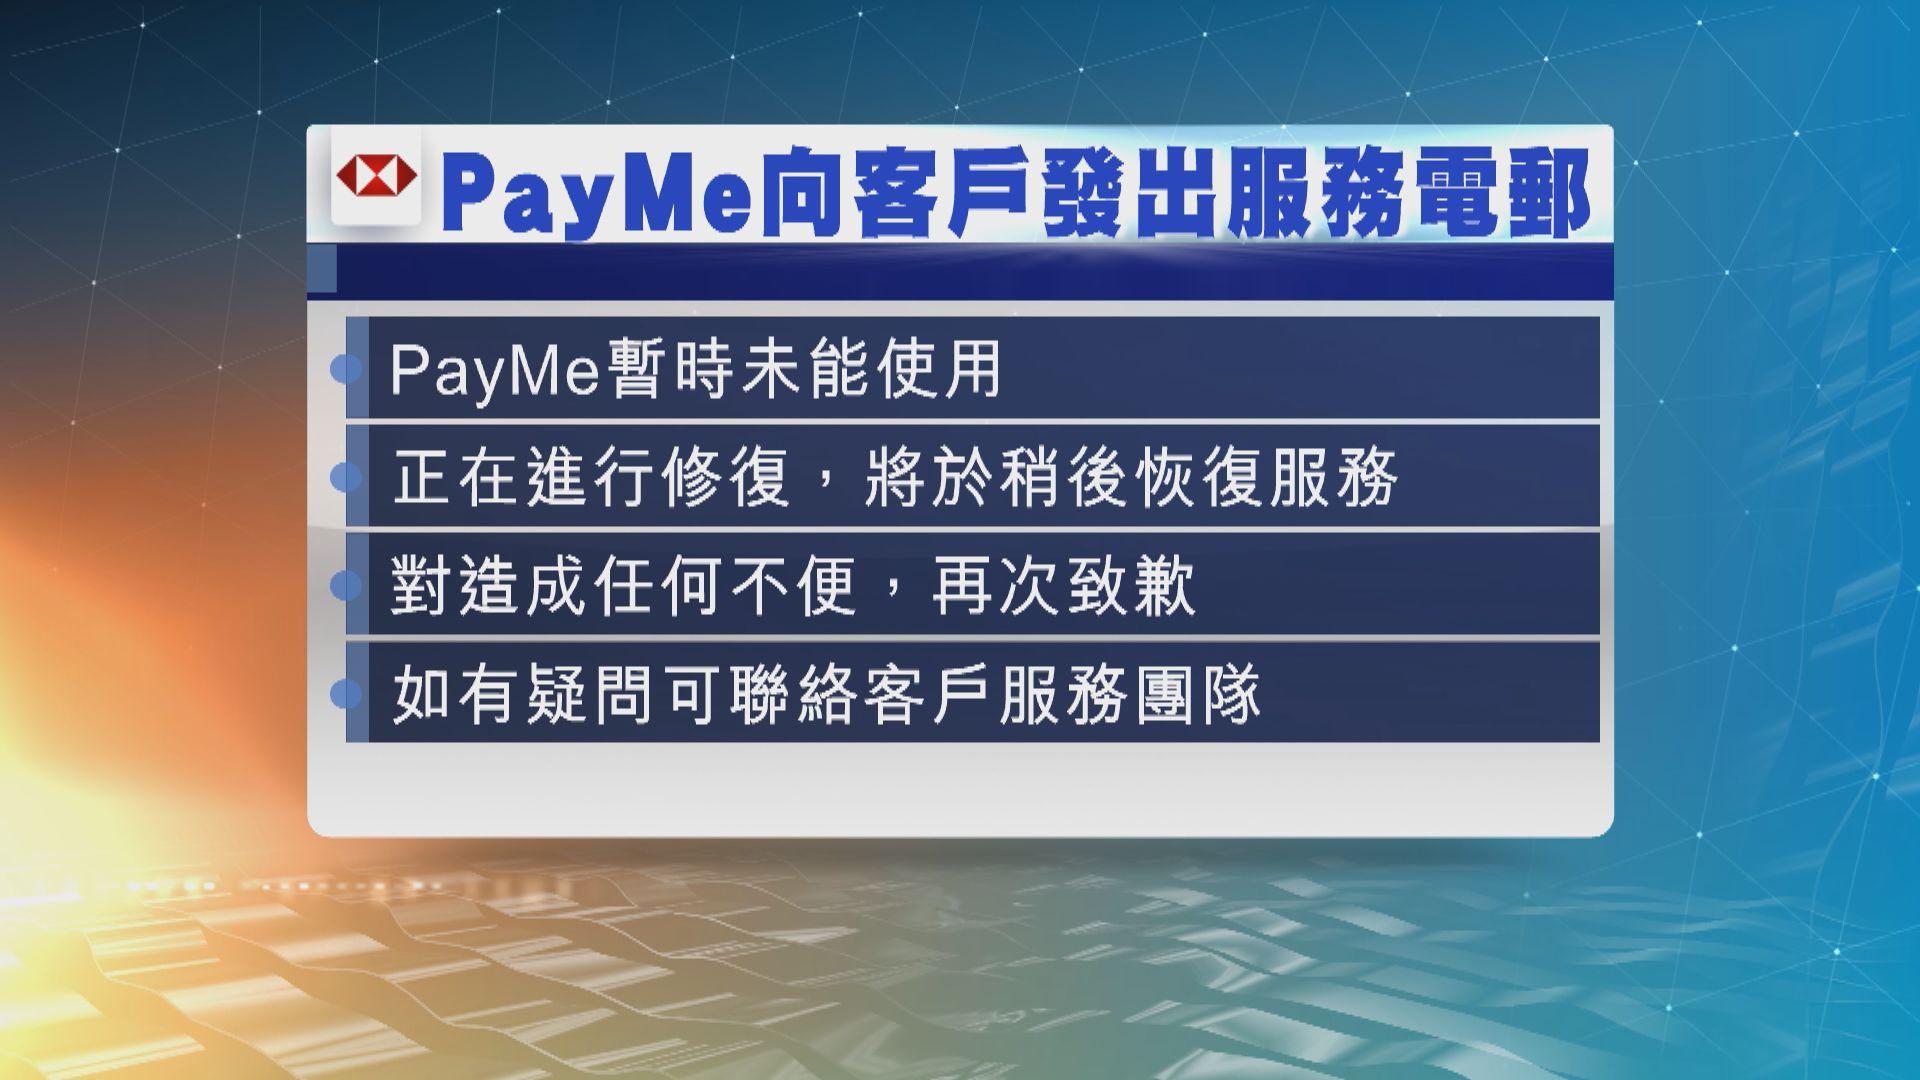 滙豐電子錢包PayMe發生故障 公司表示正進行修復